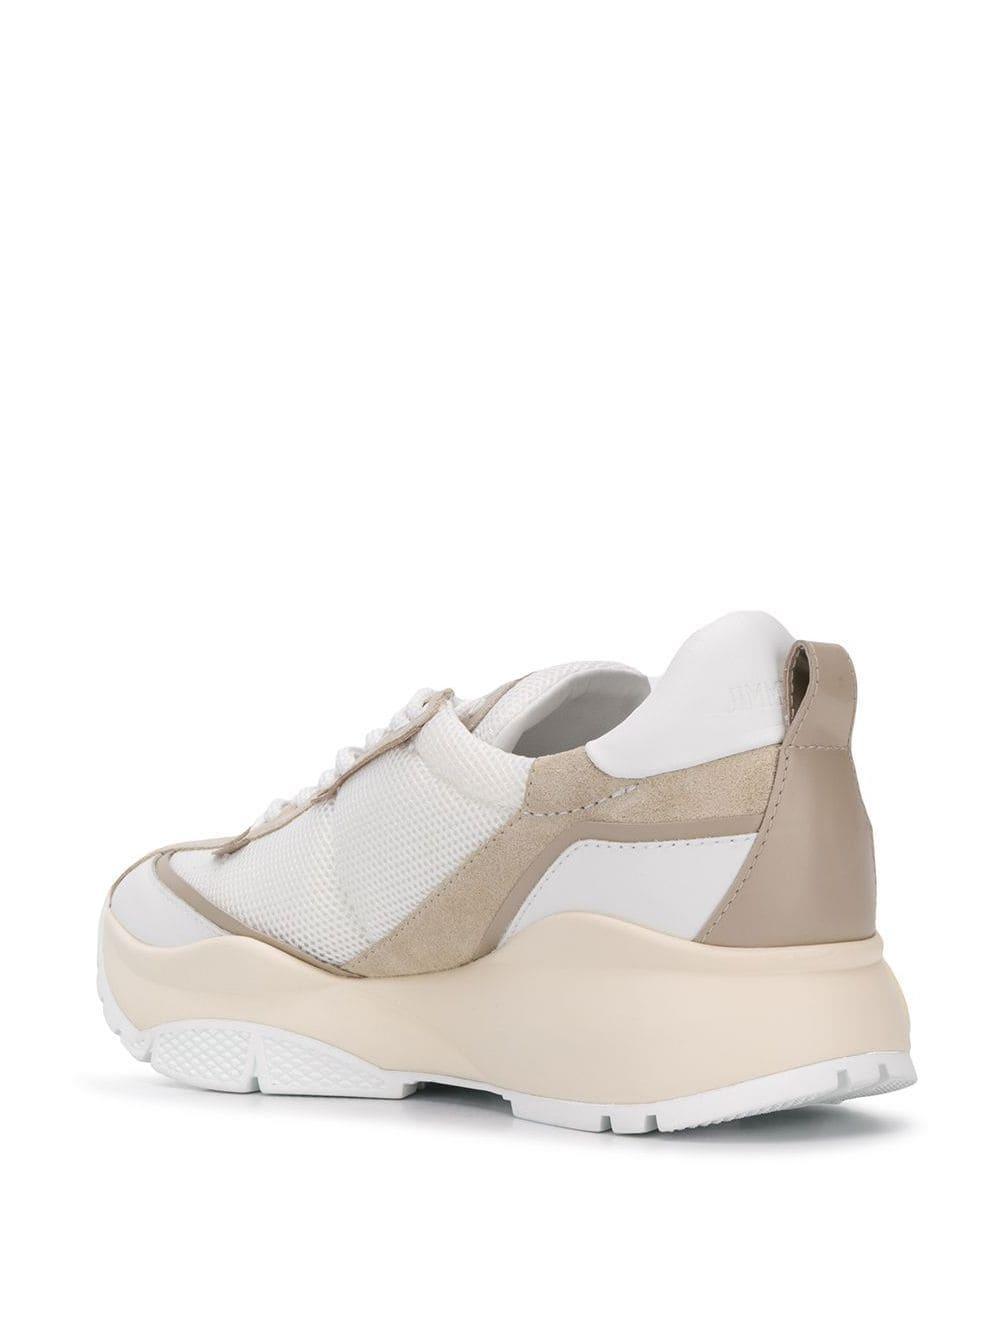 Zapatillas Raine Jimmy Choo de Cuero de color Blanco